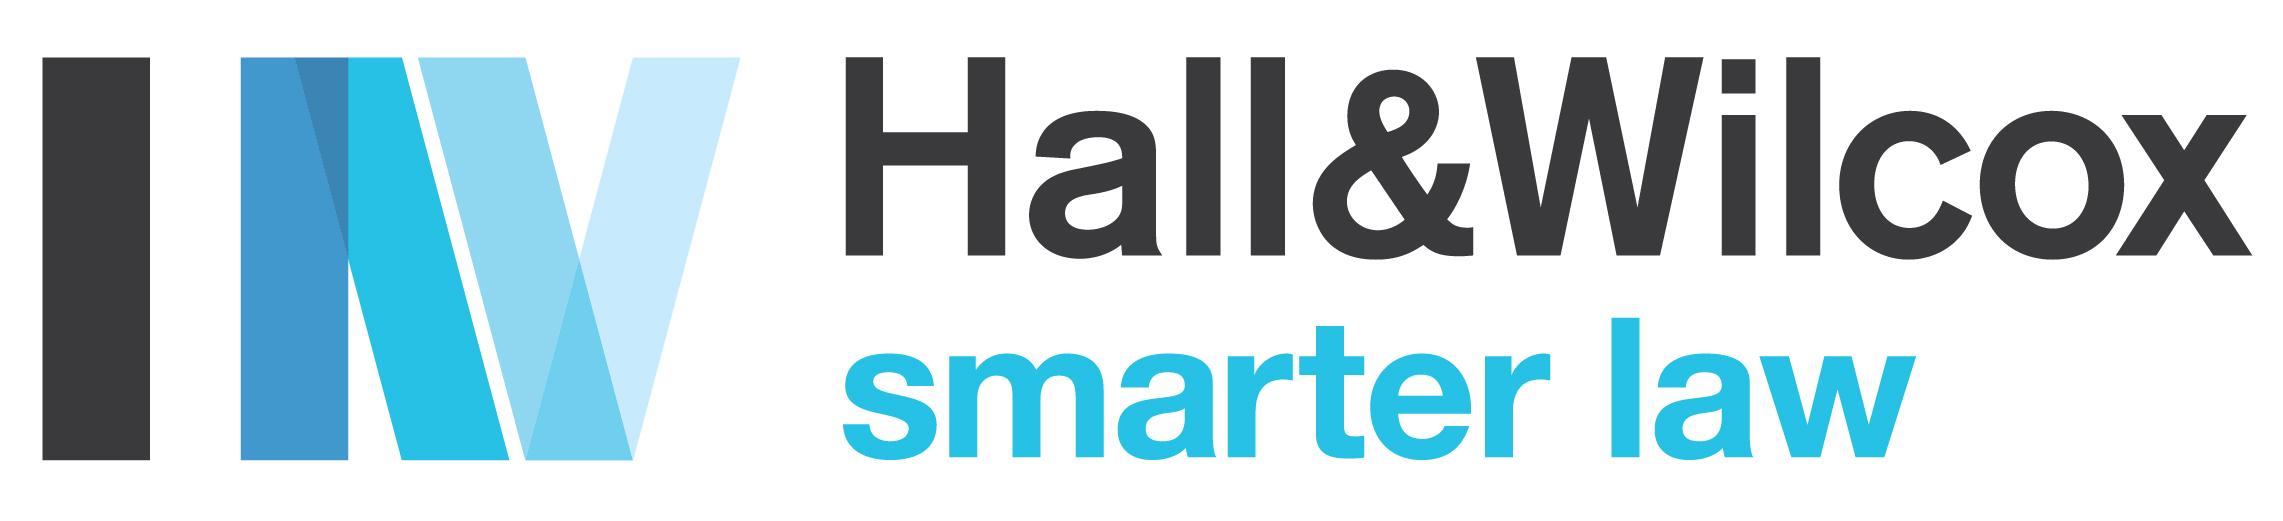 Hall & Wilcox - Smarter Law - hi-res jpg (1)